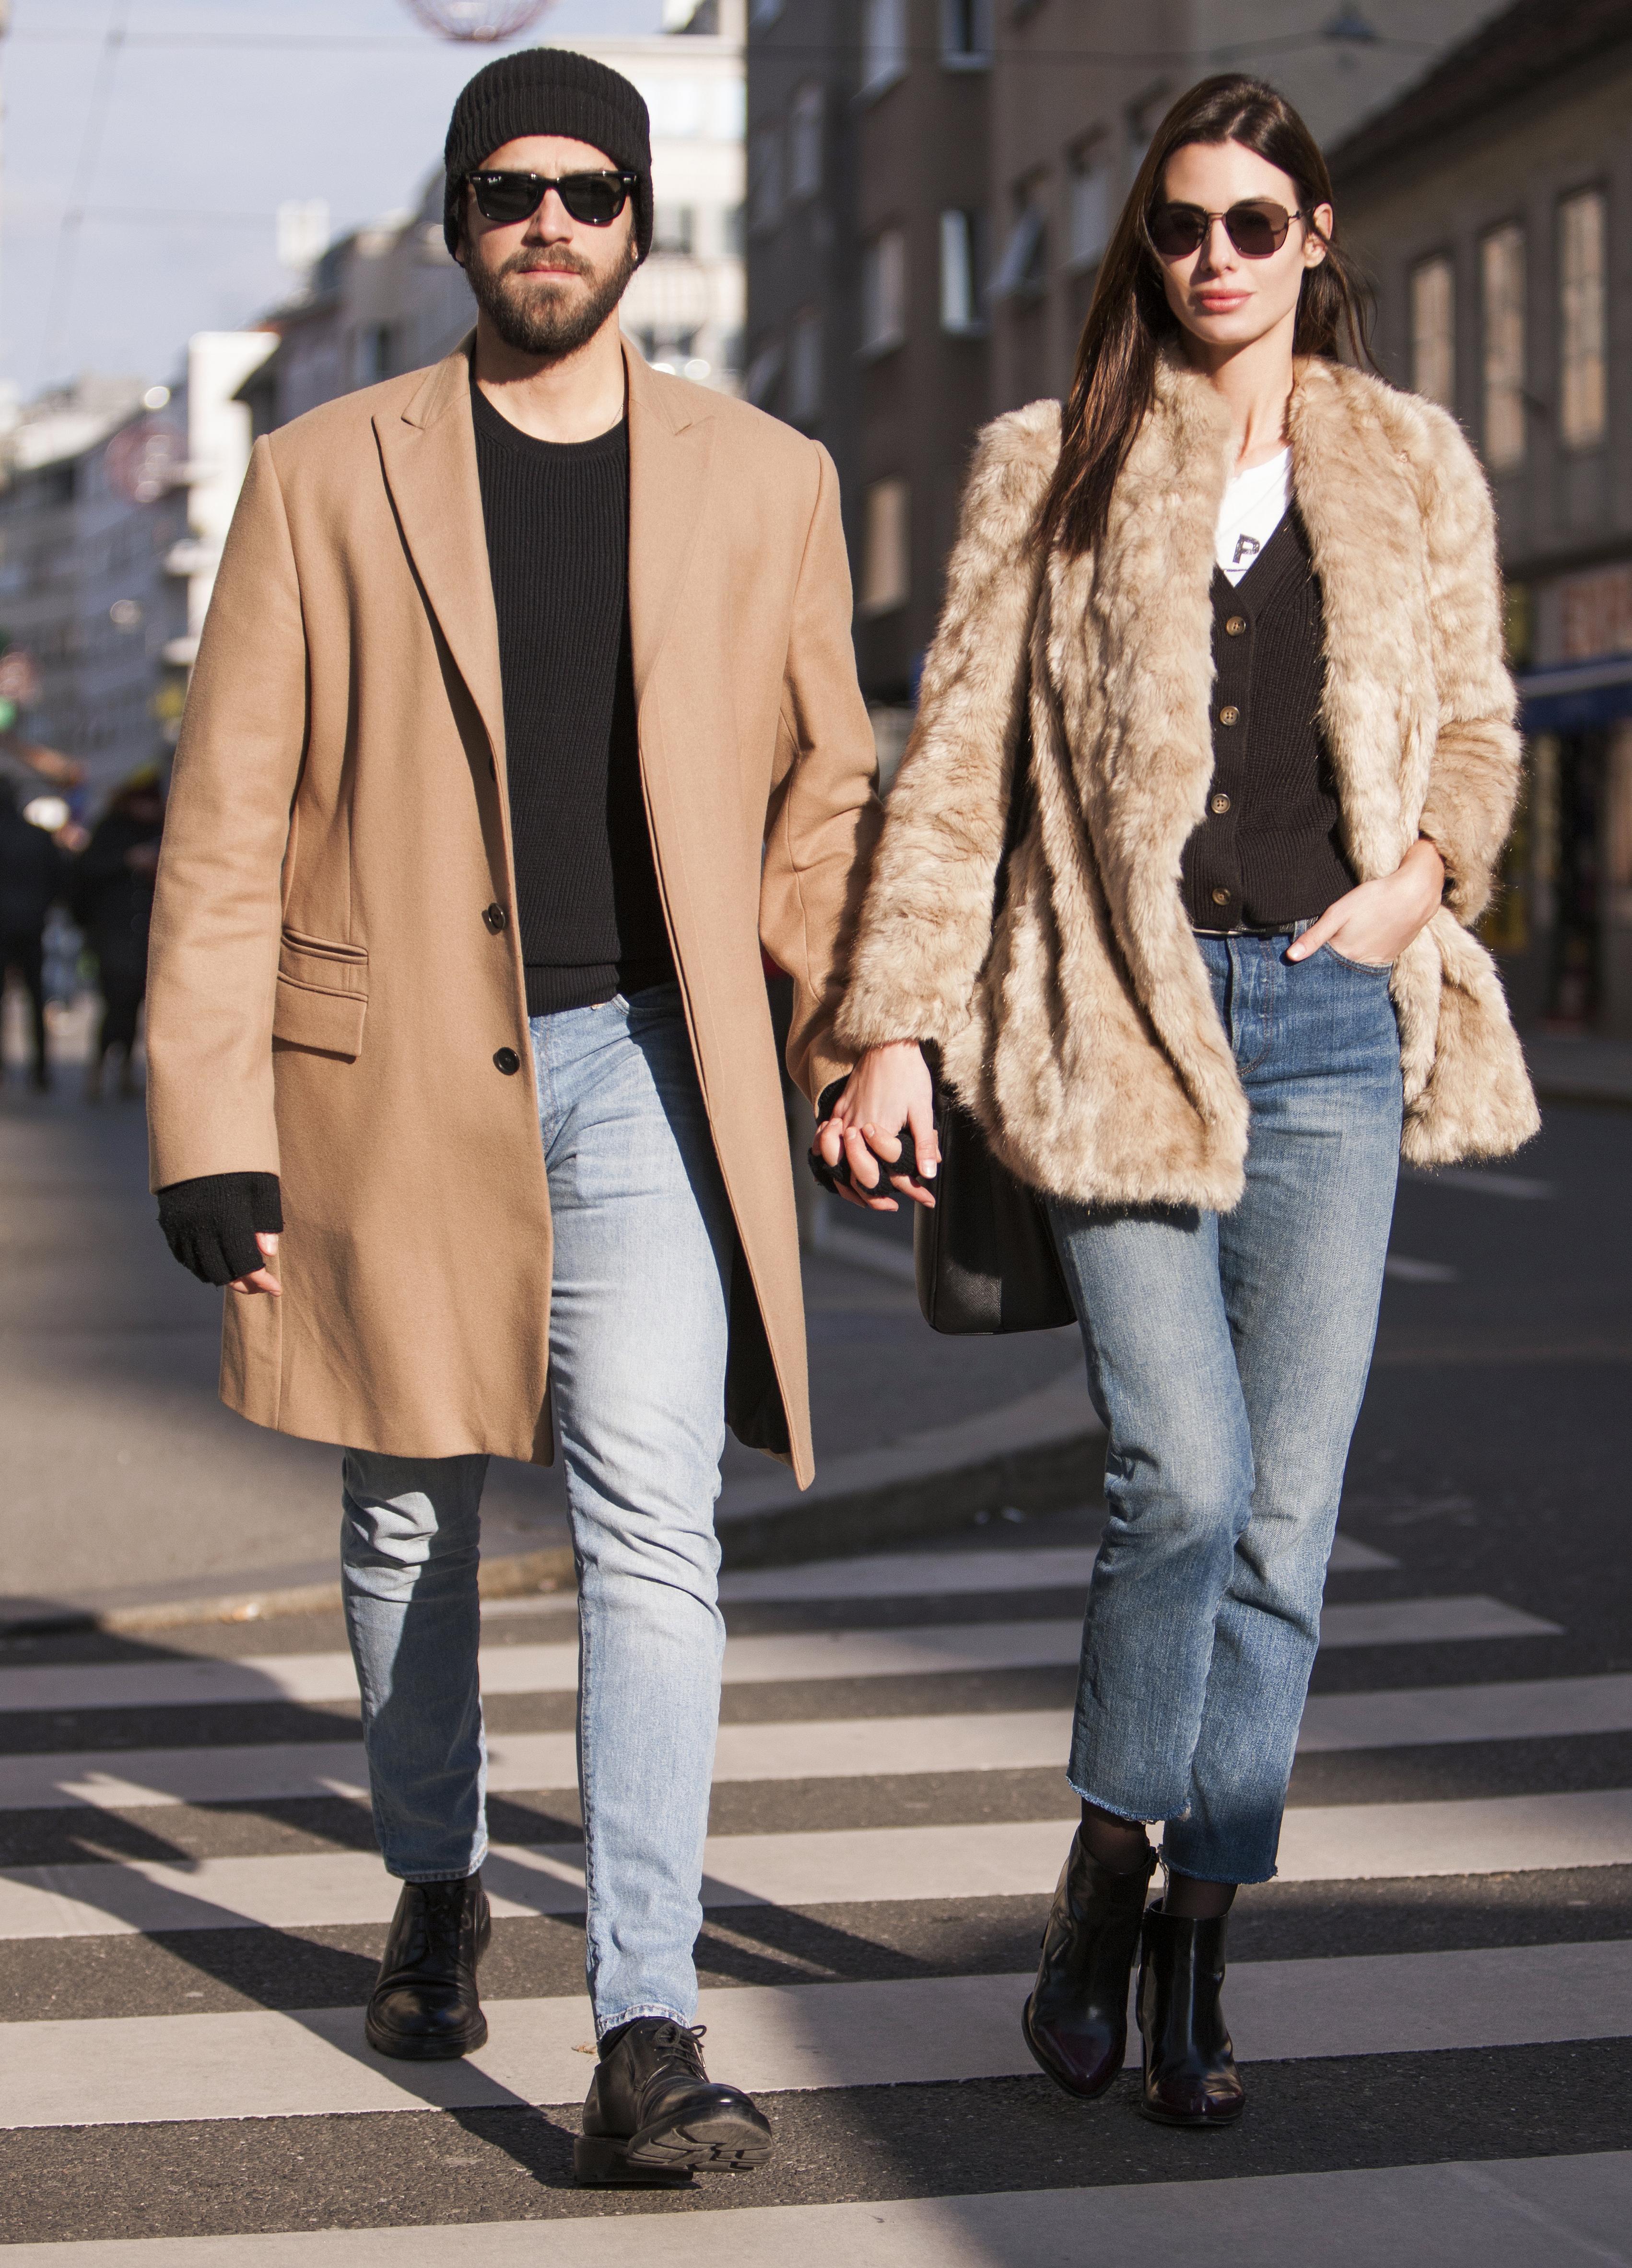 Uspješni, zgodni i stylish - ovo je par na koji nitko neće ostati ravnodušan!